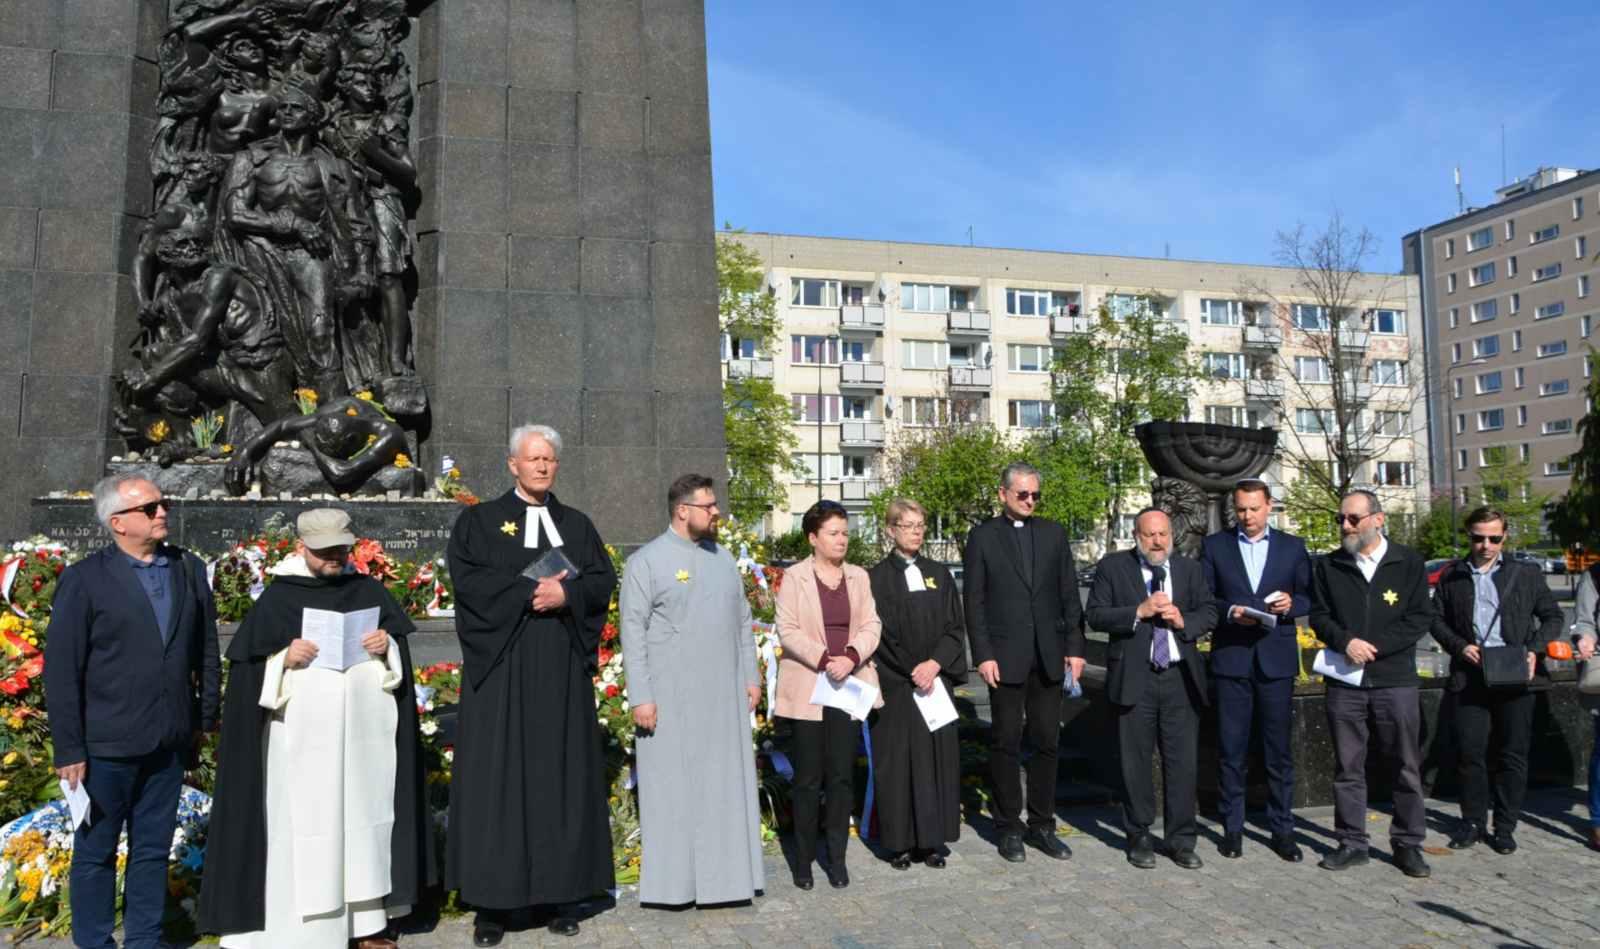 Przy Pomniku Bohaterów Getta za zmarłych modli się rabin Michael Joseph Schudrich, Marsz Modlitwy, Warszawa, 22 kwietnia 2018